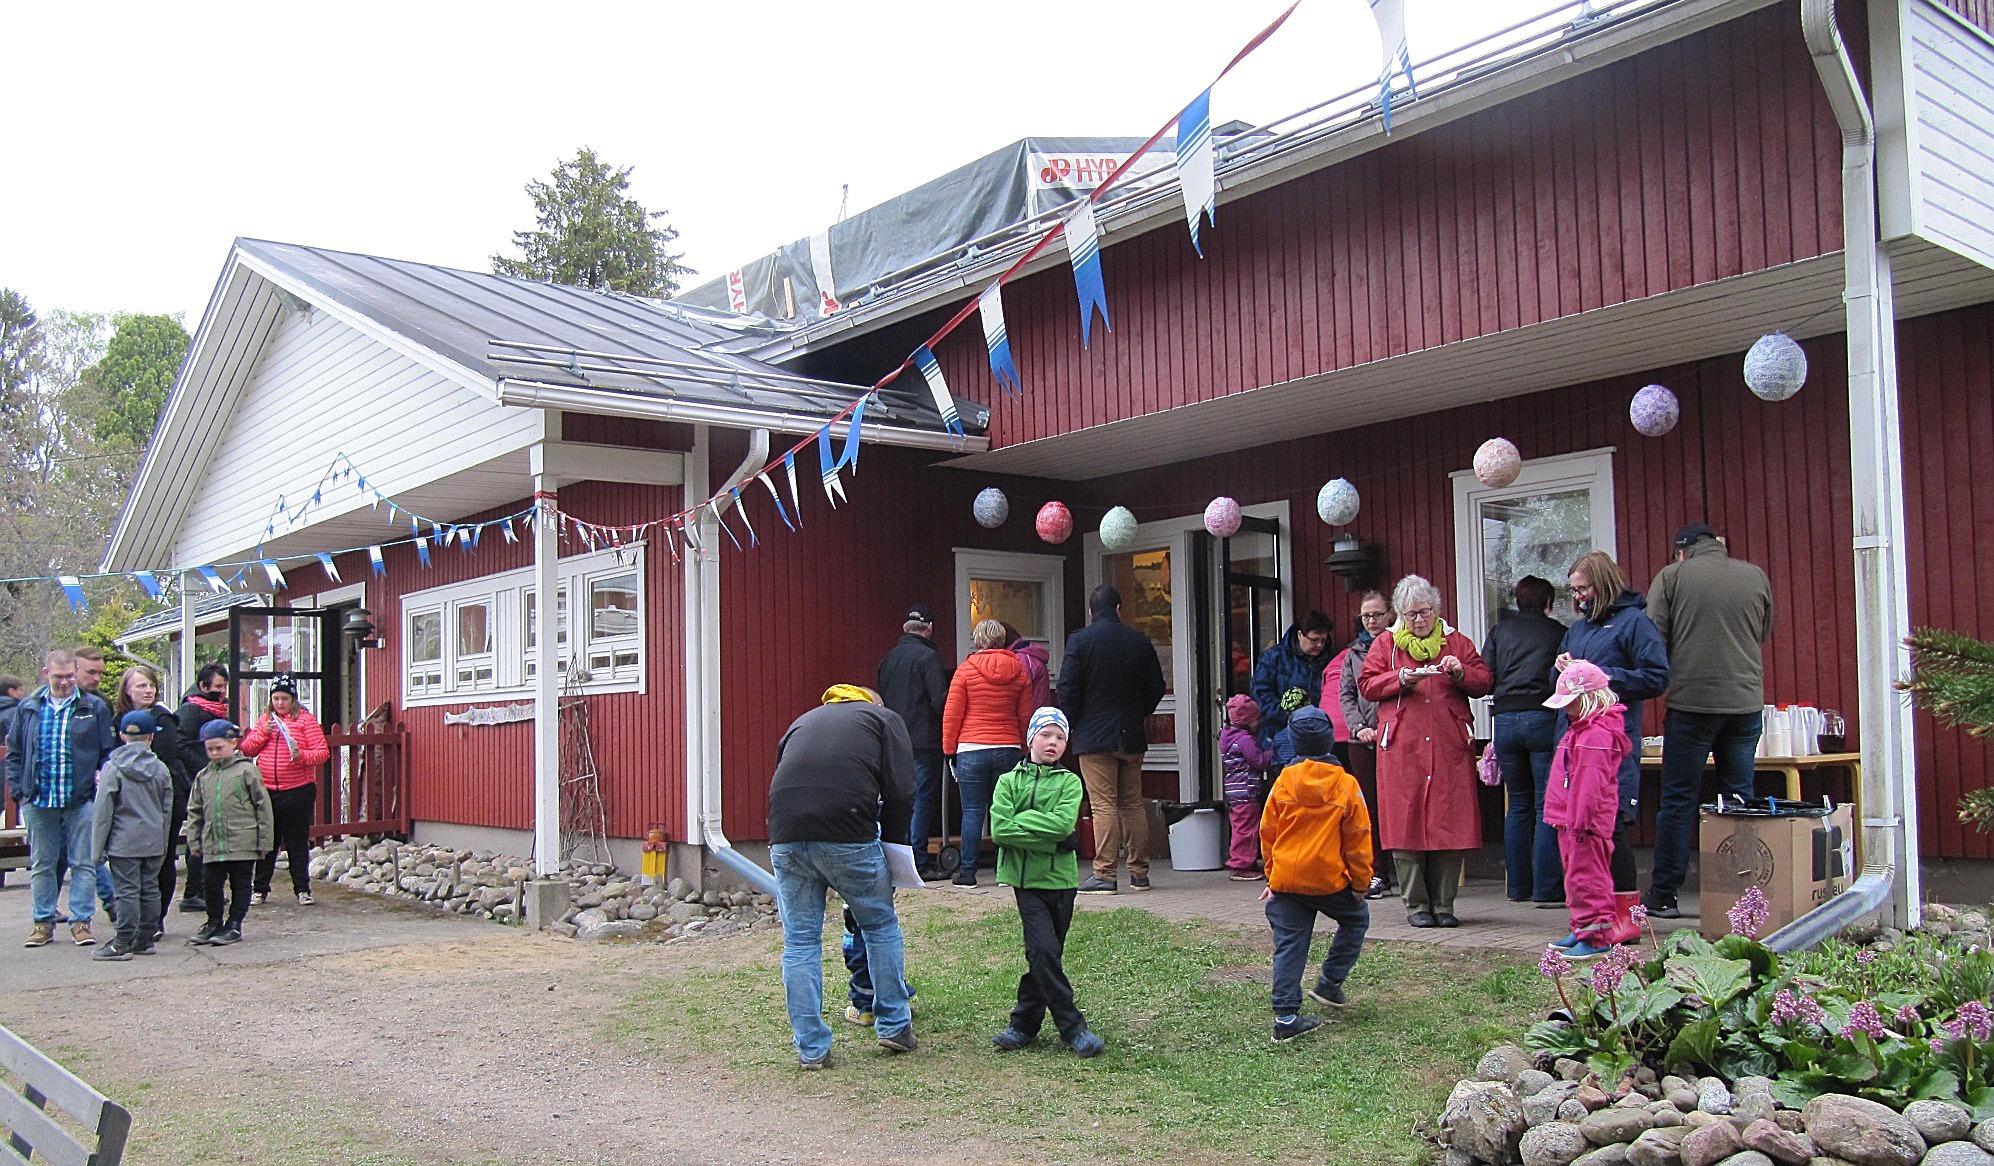 Cirka 150 besökare kom till 30-årsfesten för att äta tårta och dricka kaffe. Korvgrillen var i gång hela kvällen och åtgången var god.